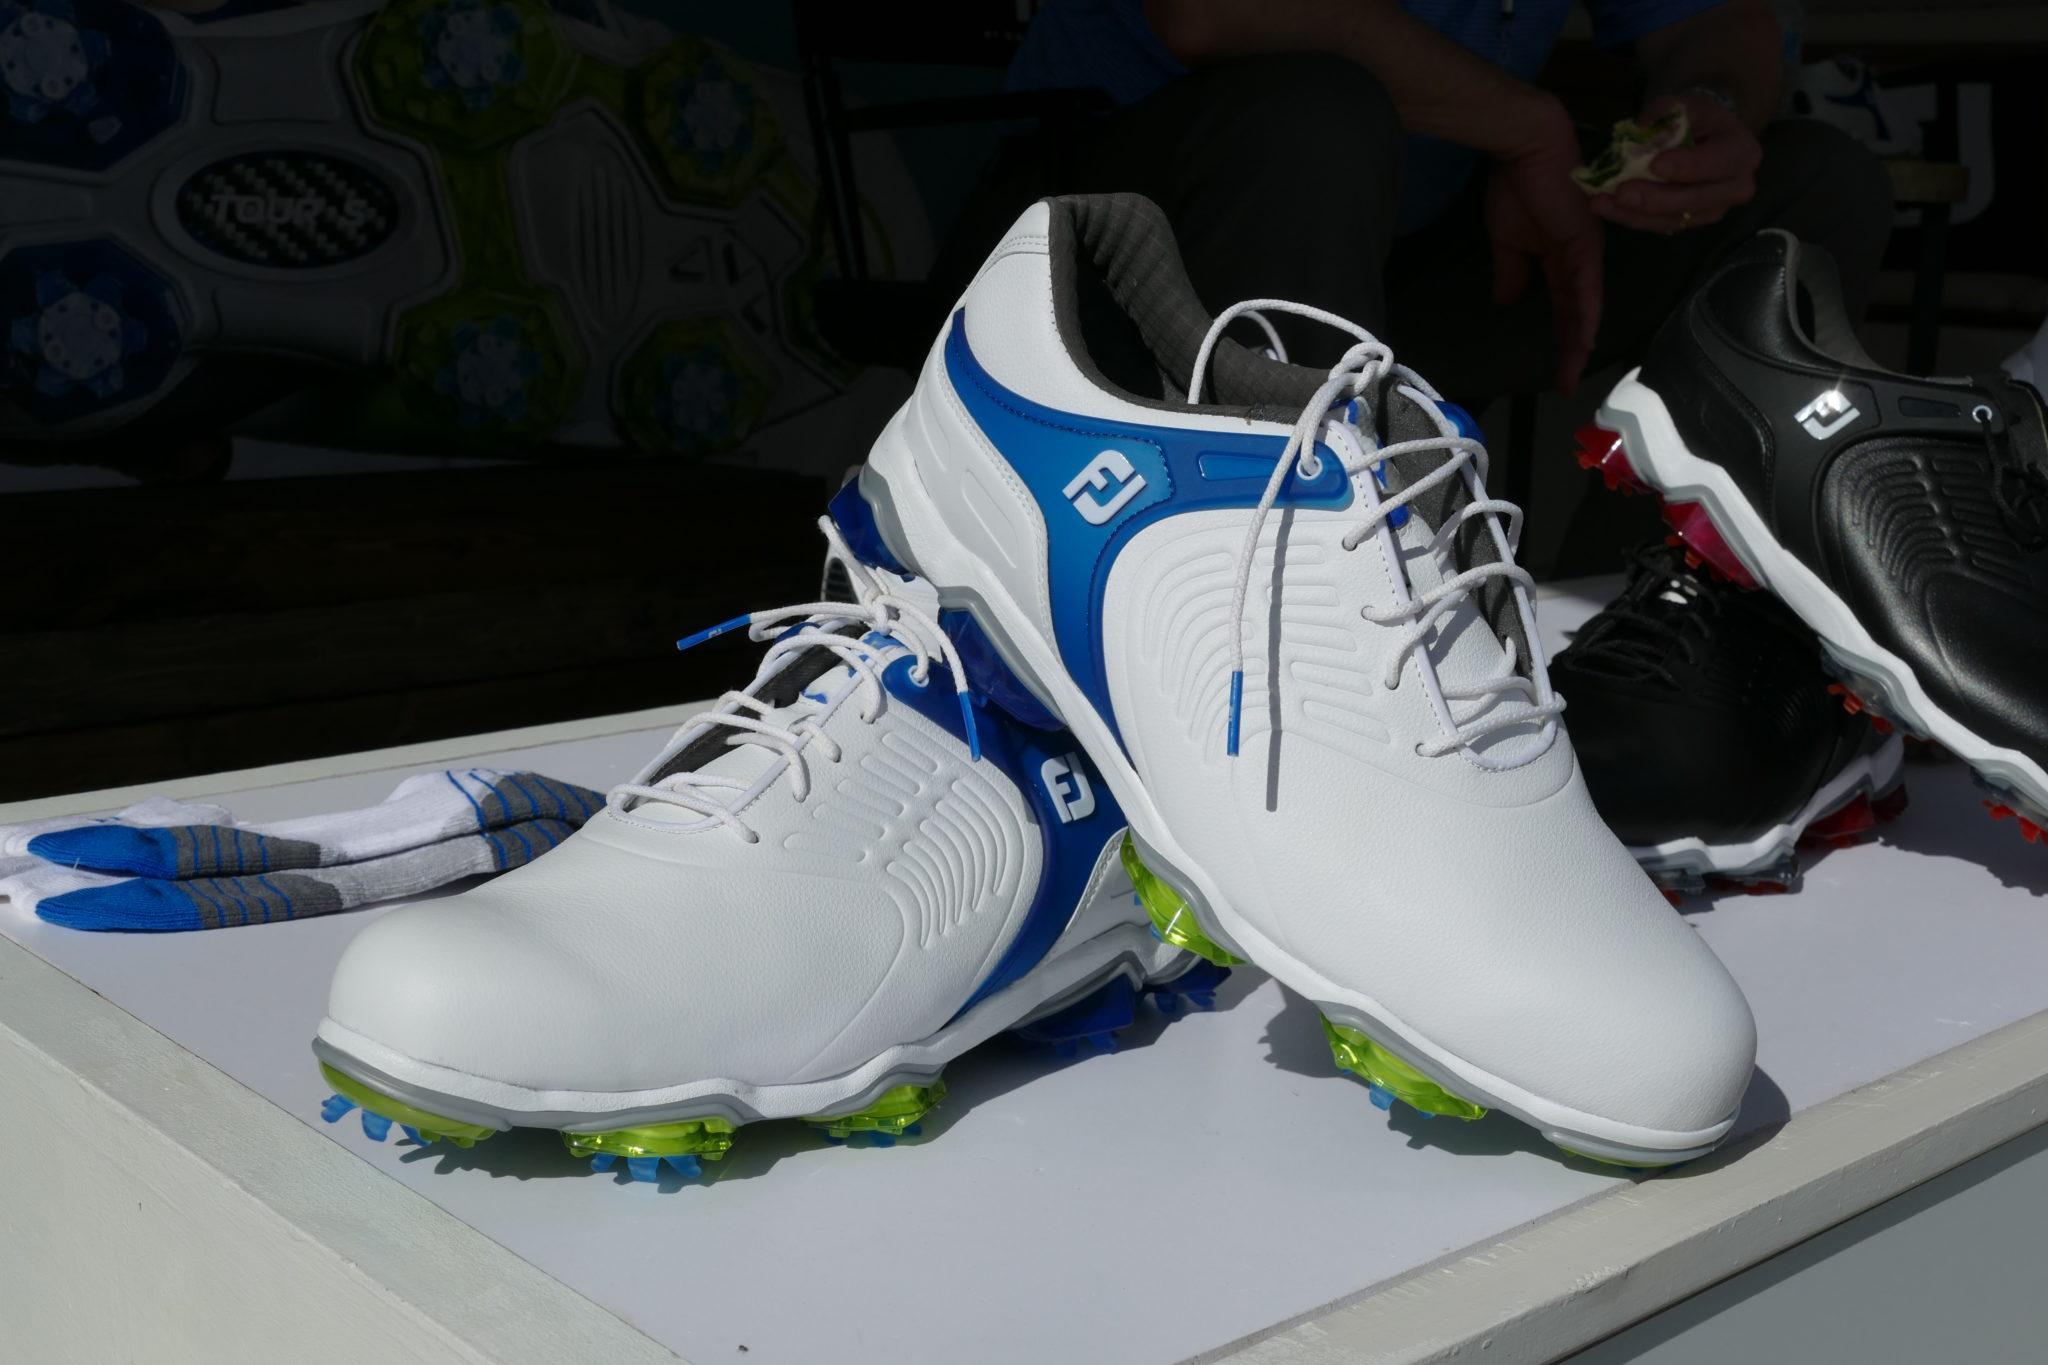 FootJoy Launches New Tour S Shoe - Golf